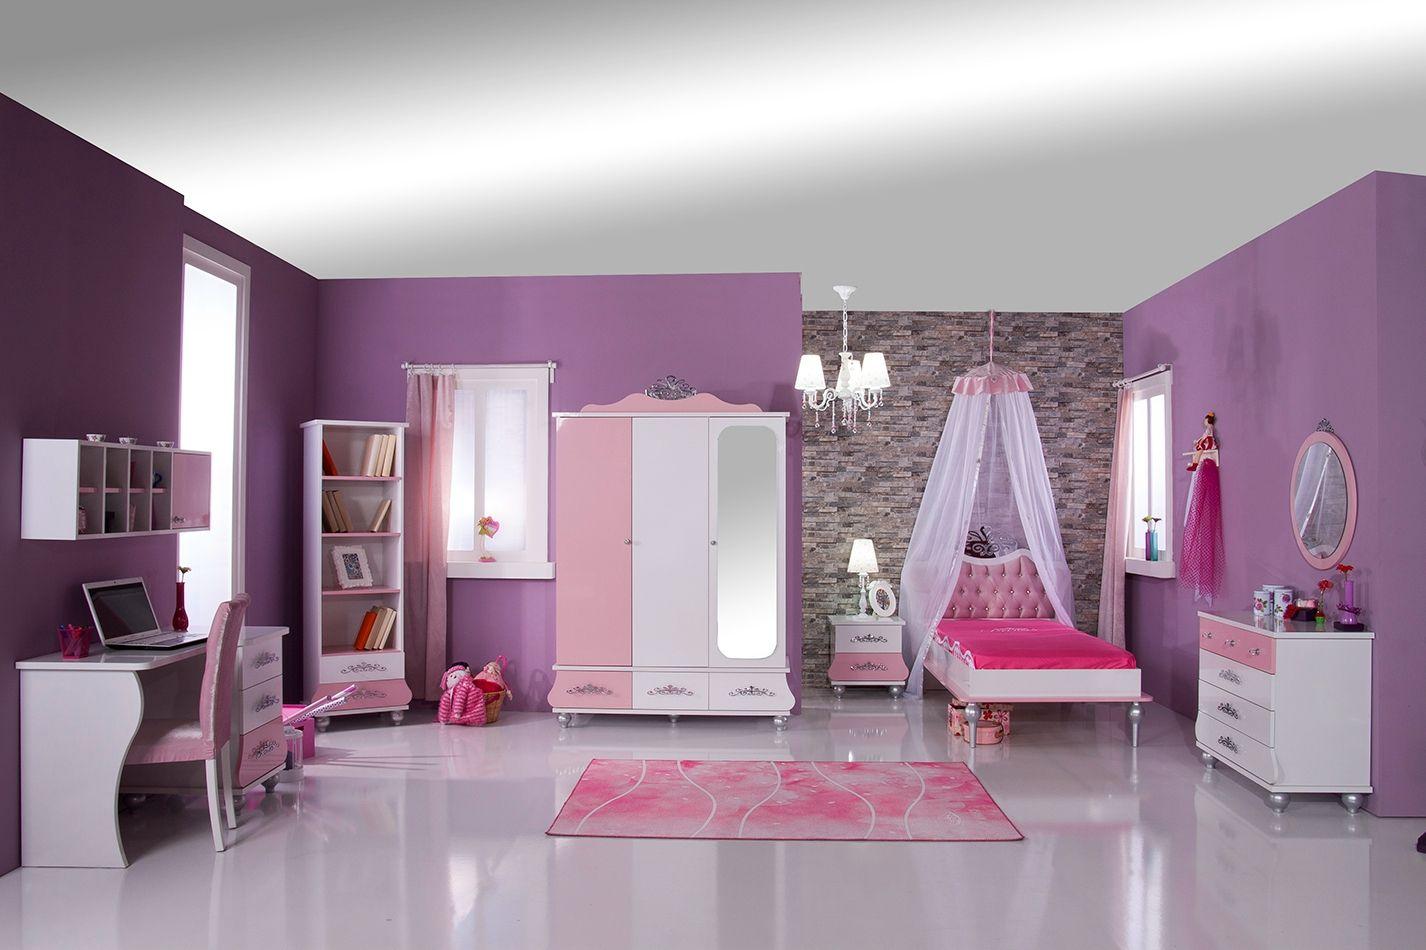 Prinses Kinderkamer Set : Prinses kinderkamer meisjeskamer compleet prinsessenkamer